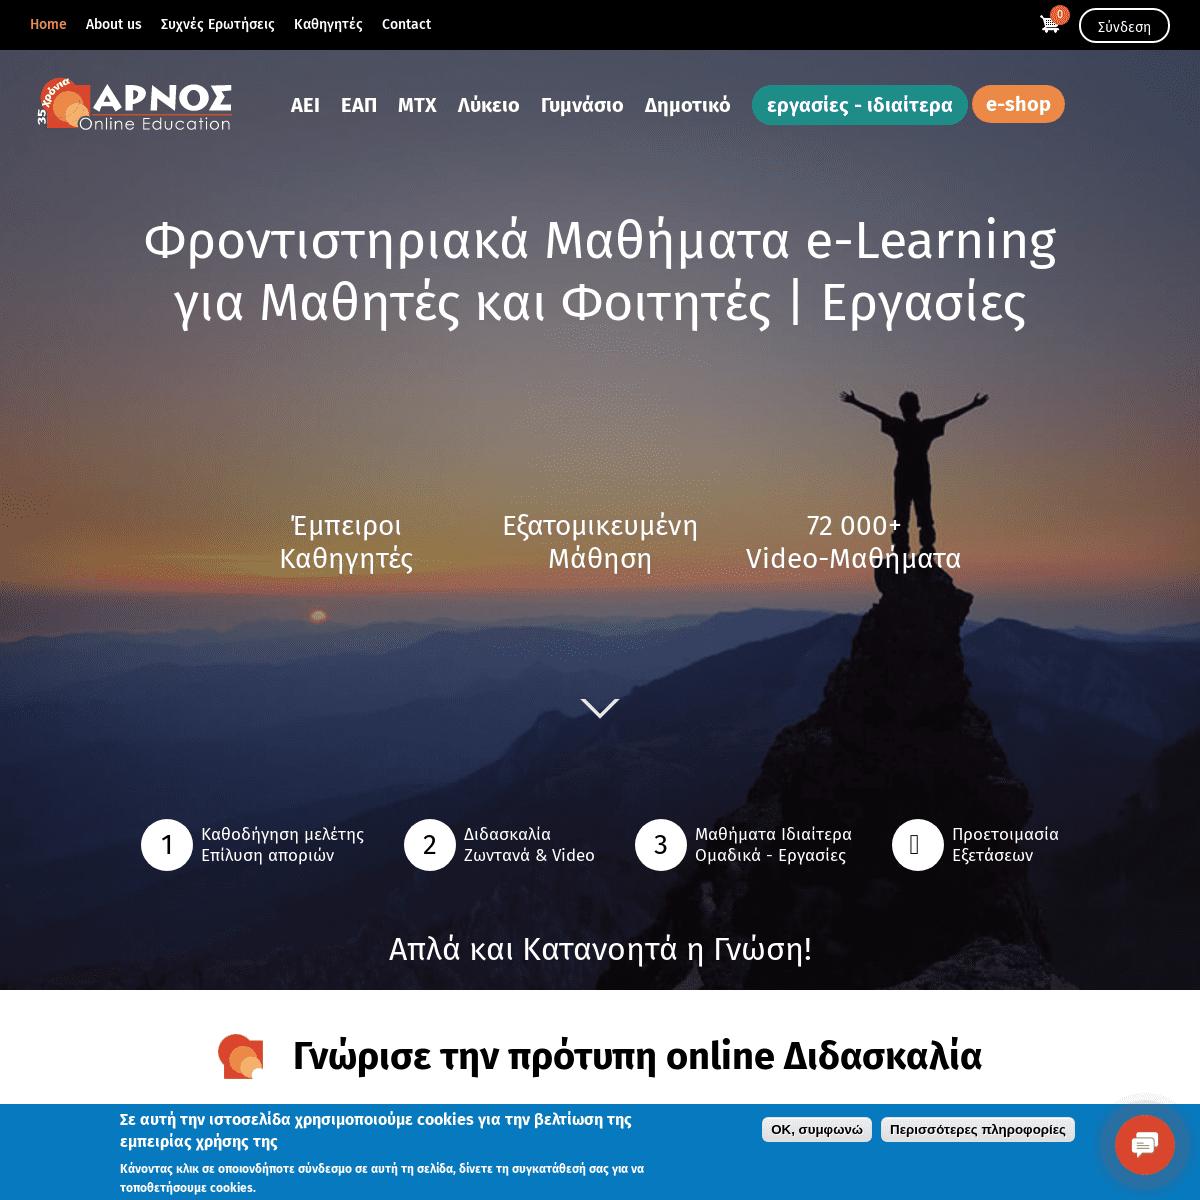 ΑΡΝΟΣ - Online Φροντιστήριο - Mαθήματα & Εργασίες